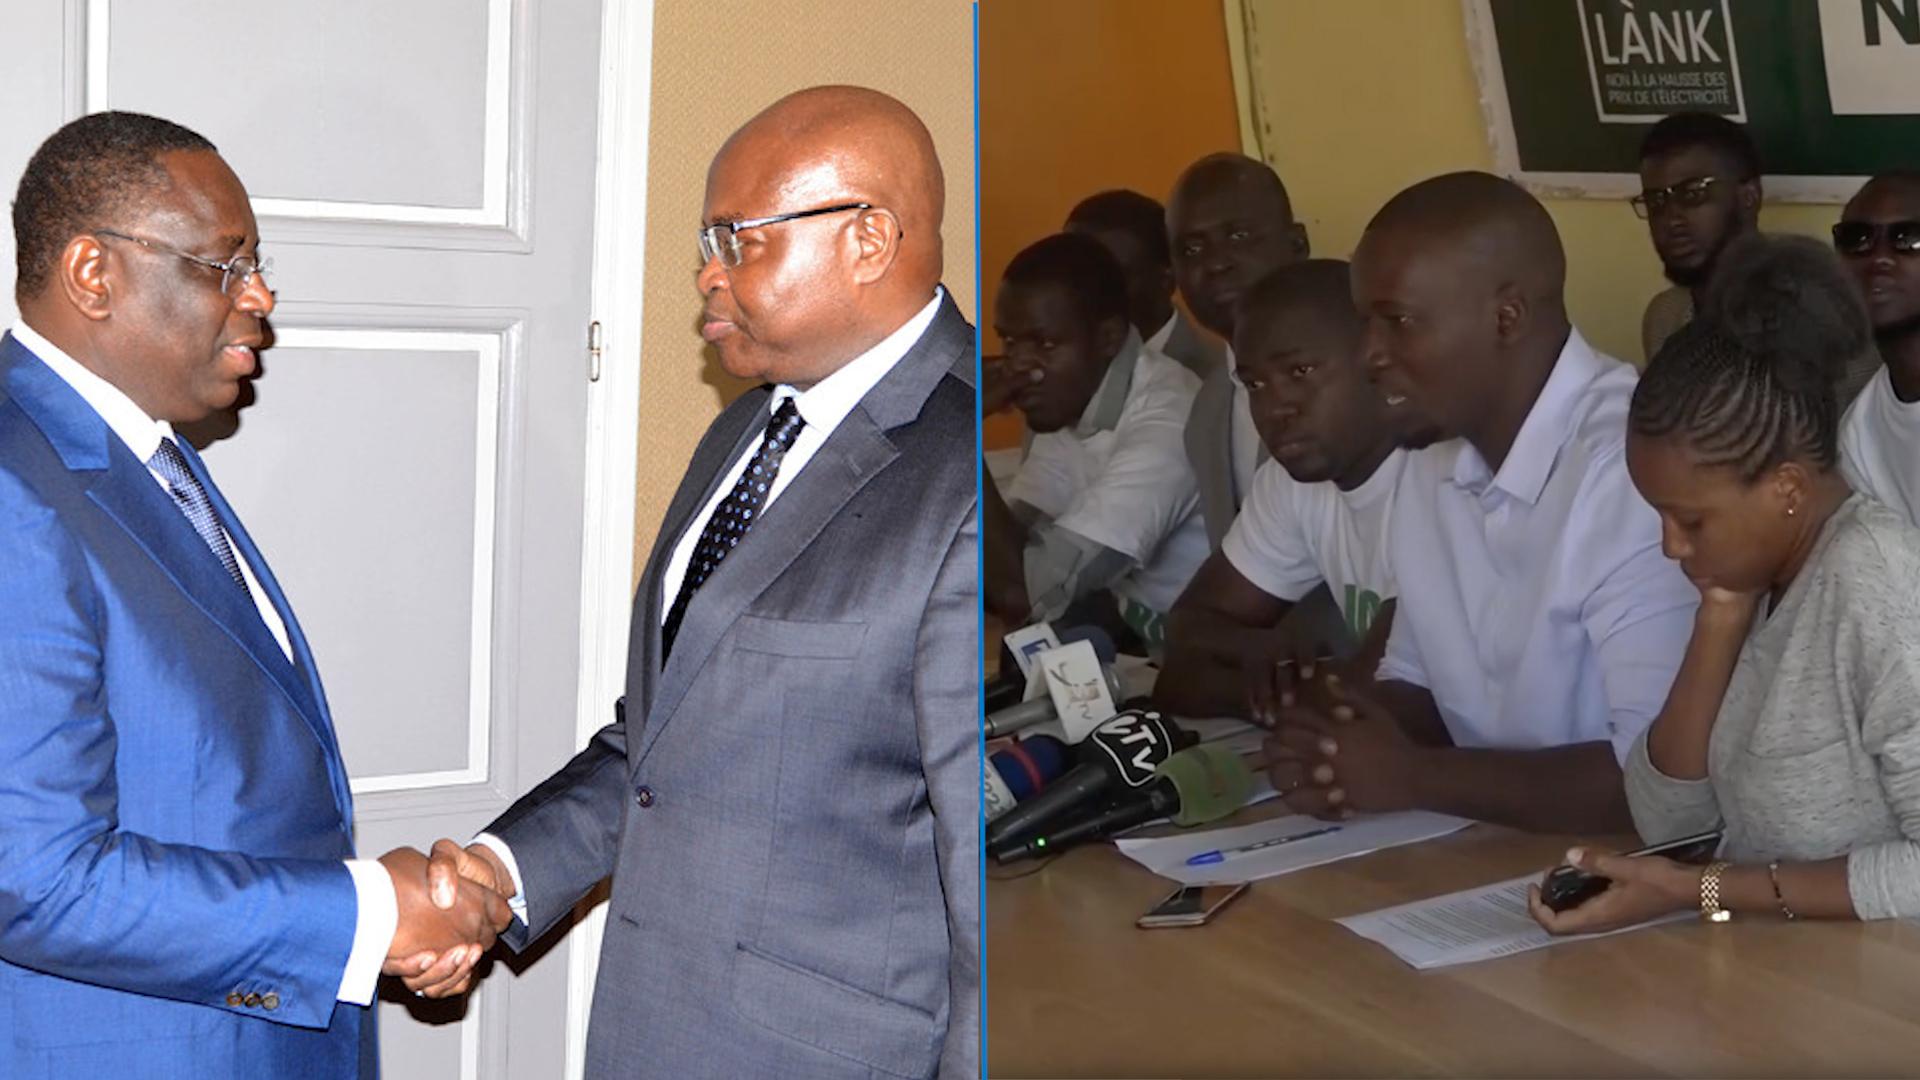 Rencontre Macky / « Nio lank » : Les conditions fermes du collectif pour rencontrer le Président Sall...